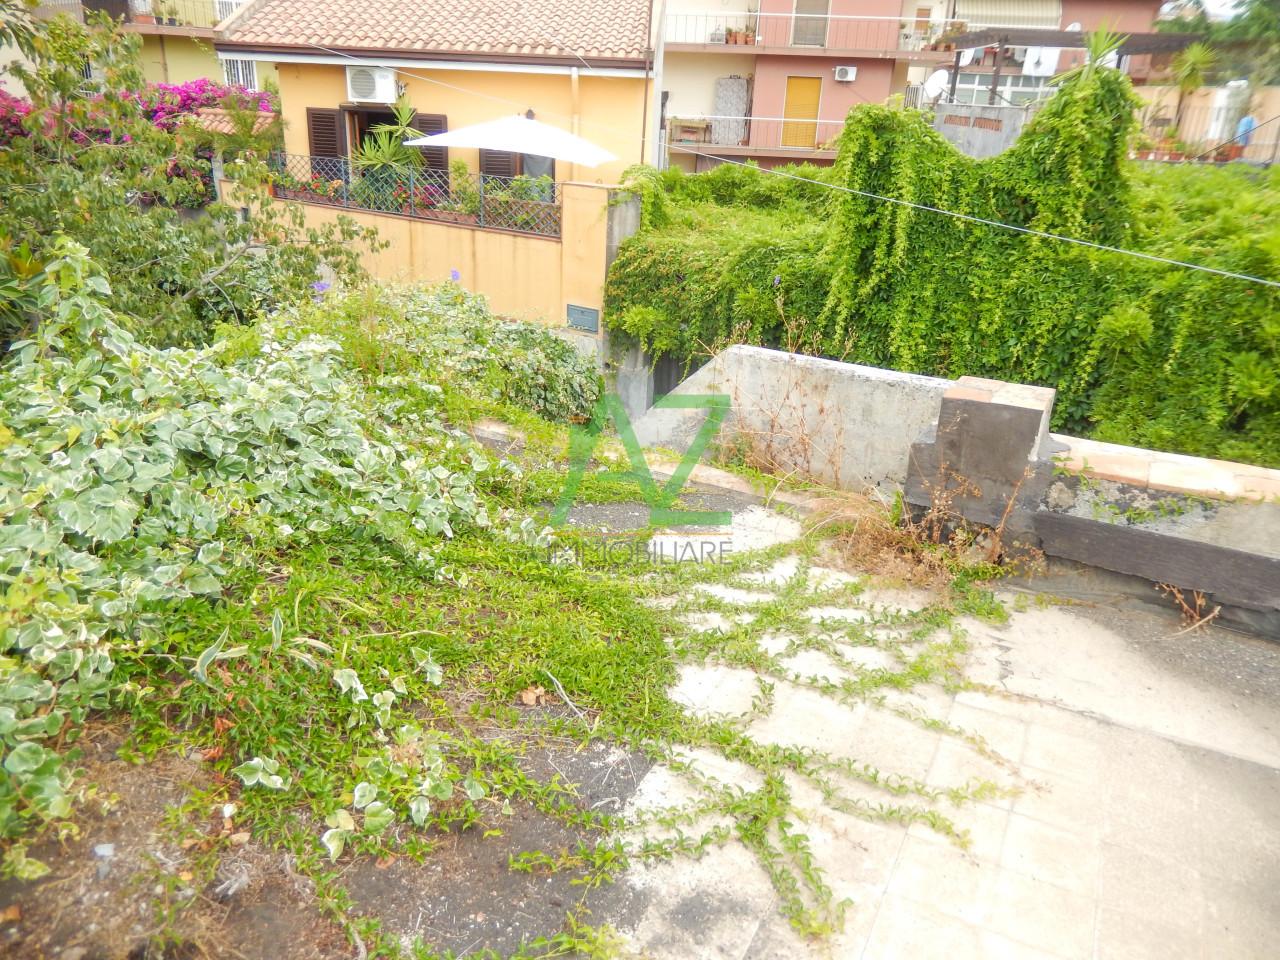 Soluzione Indipendente in vendita a Acireale, 2 locali, prezzo € 90.000 | Cambio Casa.it